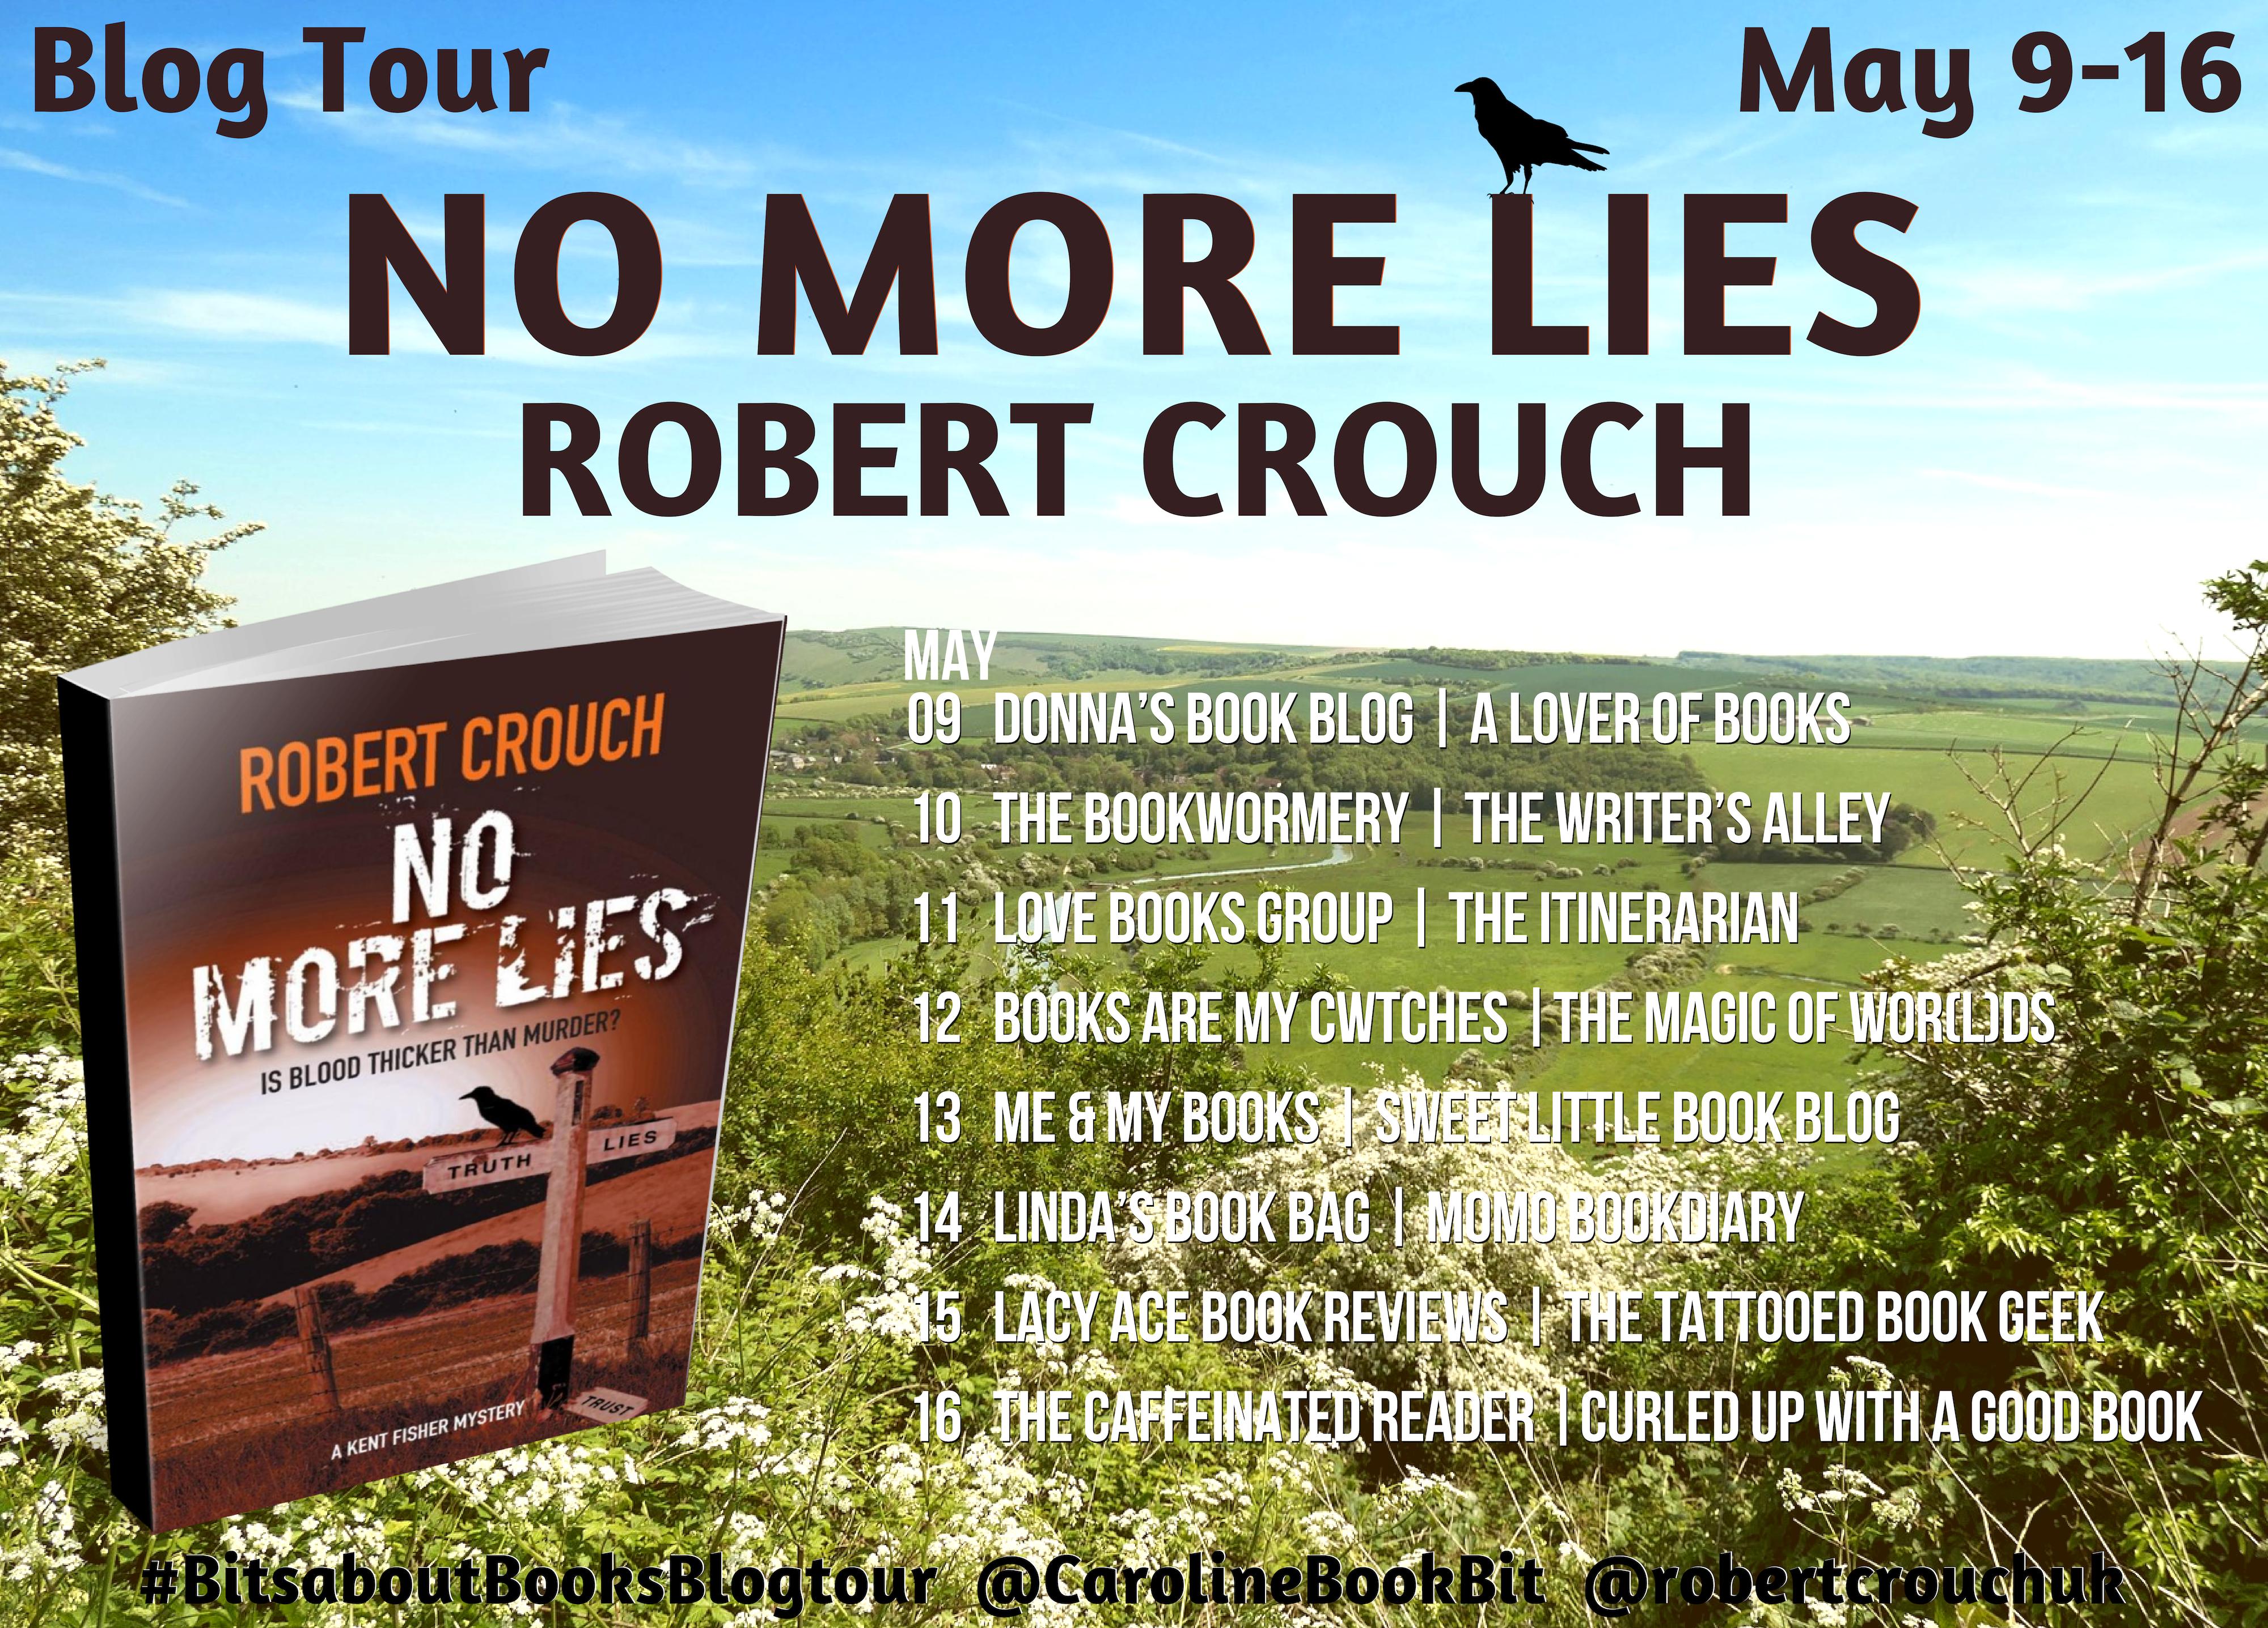 Blog Tour Poster No More Lies - Robert Crouch